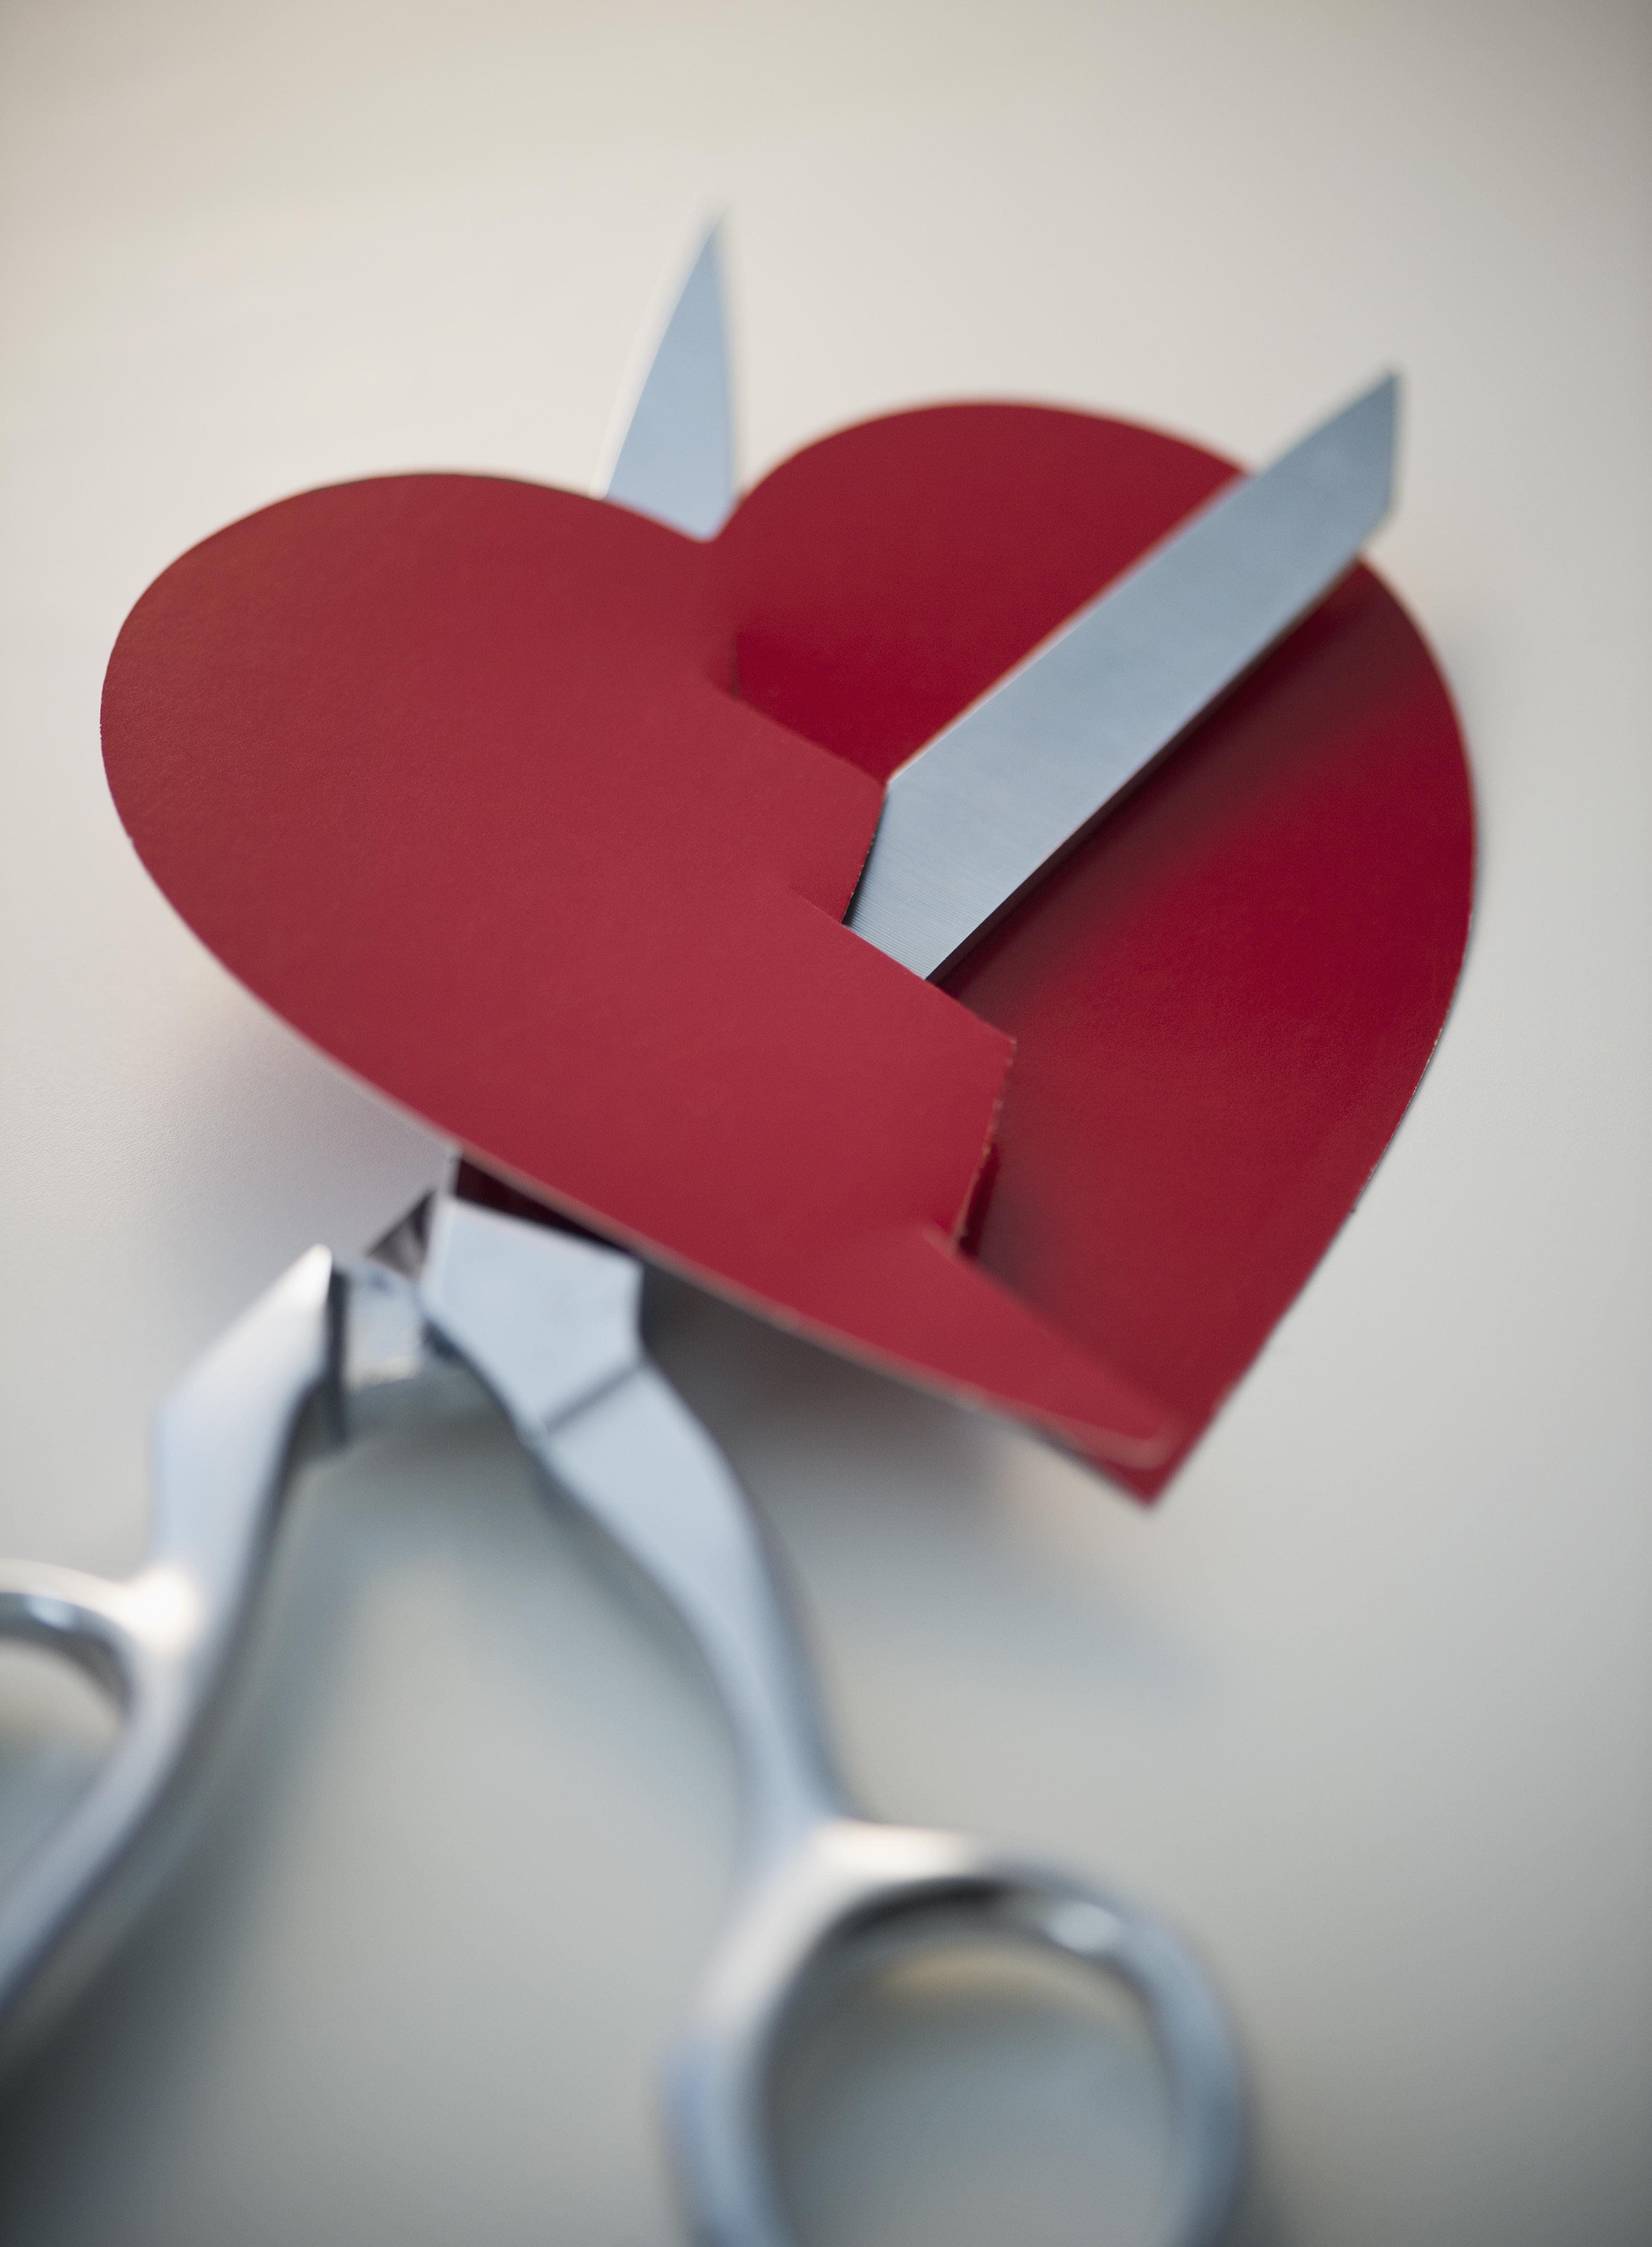 Scissors cutting paper heart